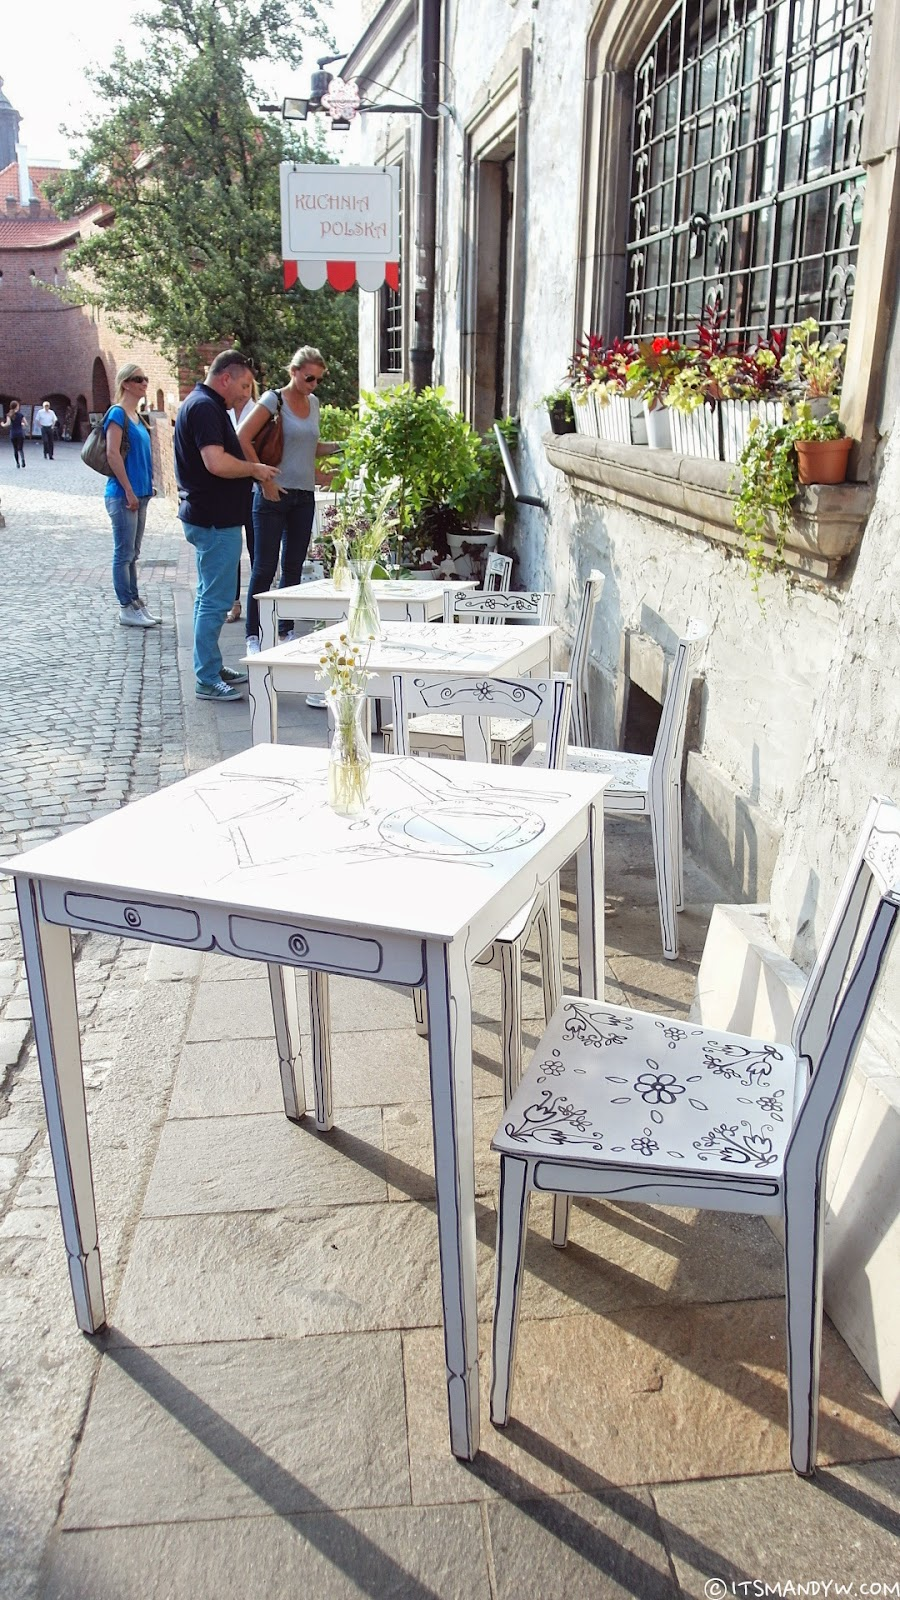 🇵🇱 波蘭 | 華沙舊城區可愛小Cafe - Kluska Polska